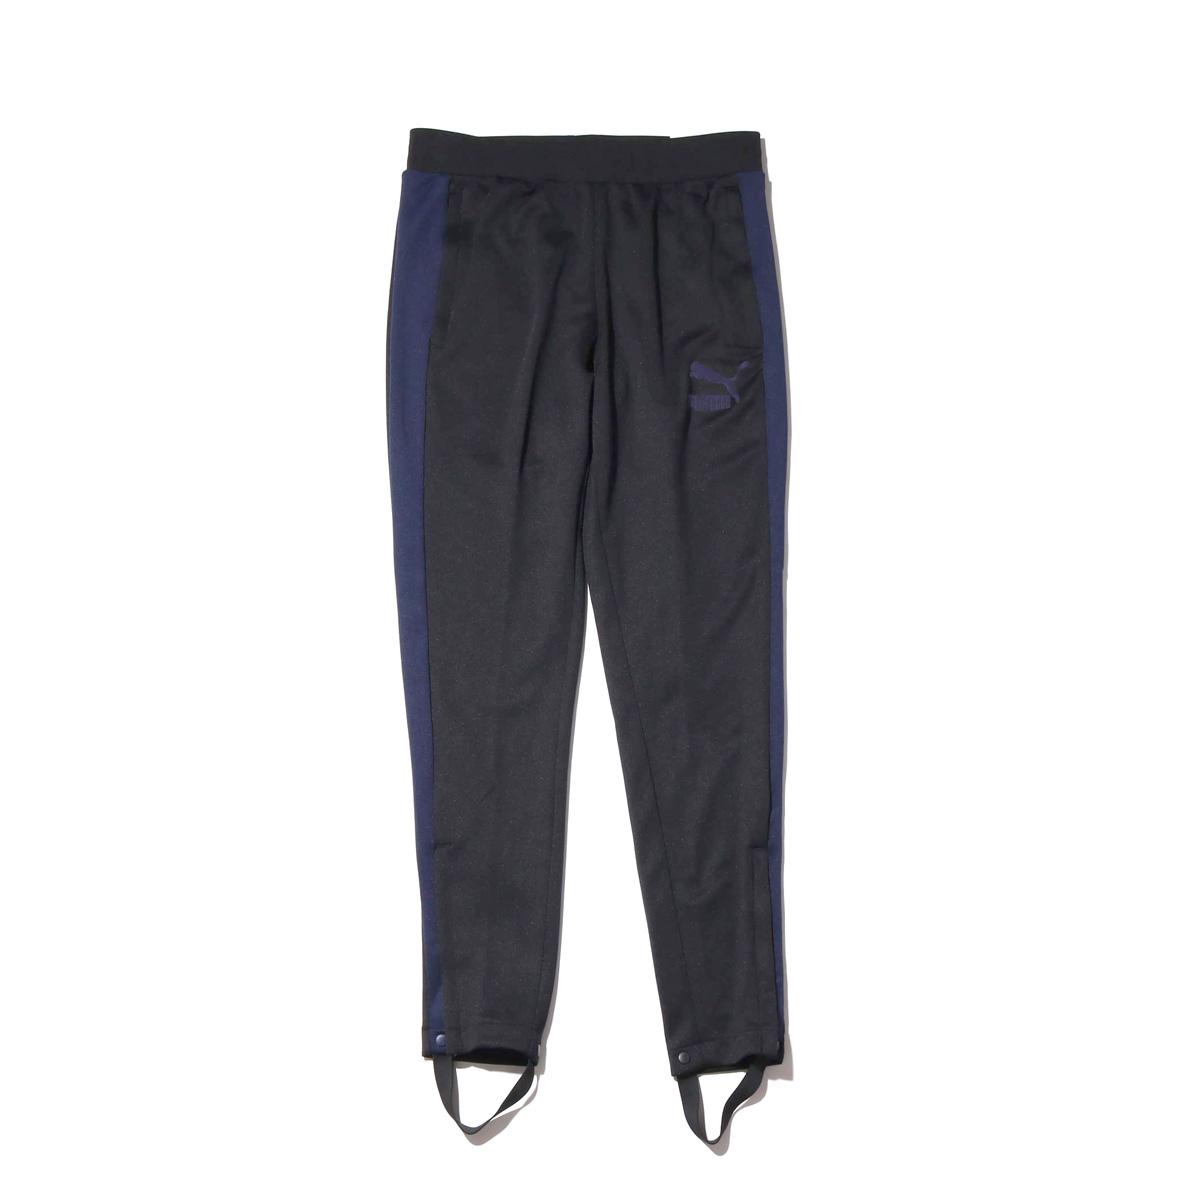 PUMA T7 VINTAGE TRACK PANTS(プーマ T7 ヴィンテージ トラック パンツ)PUMA BLACK-PE【メンズ パンツ】18FA-I